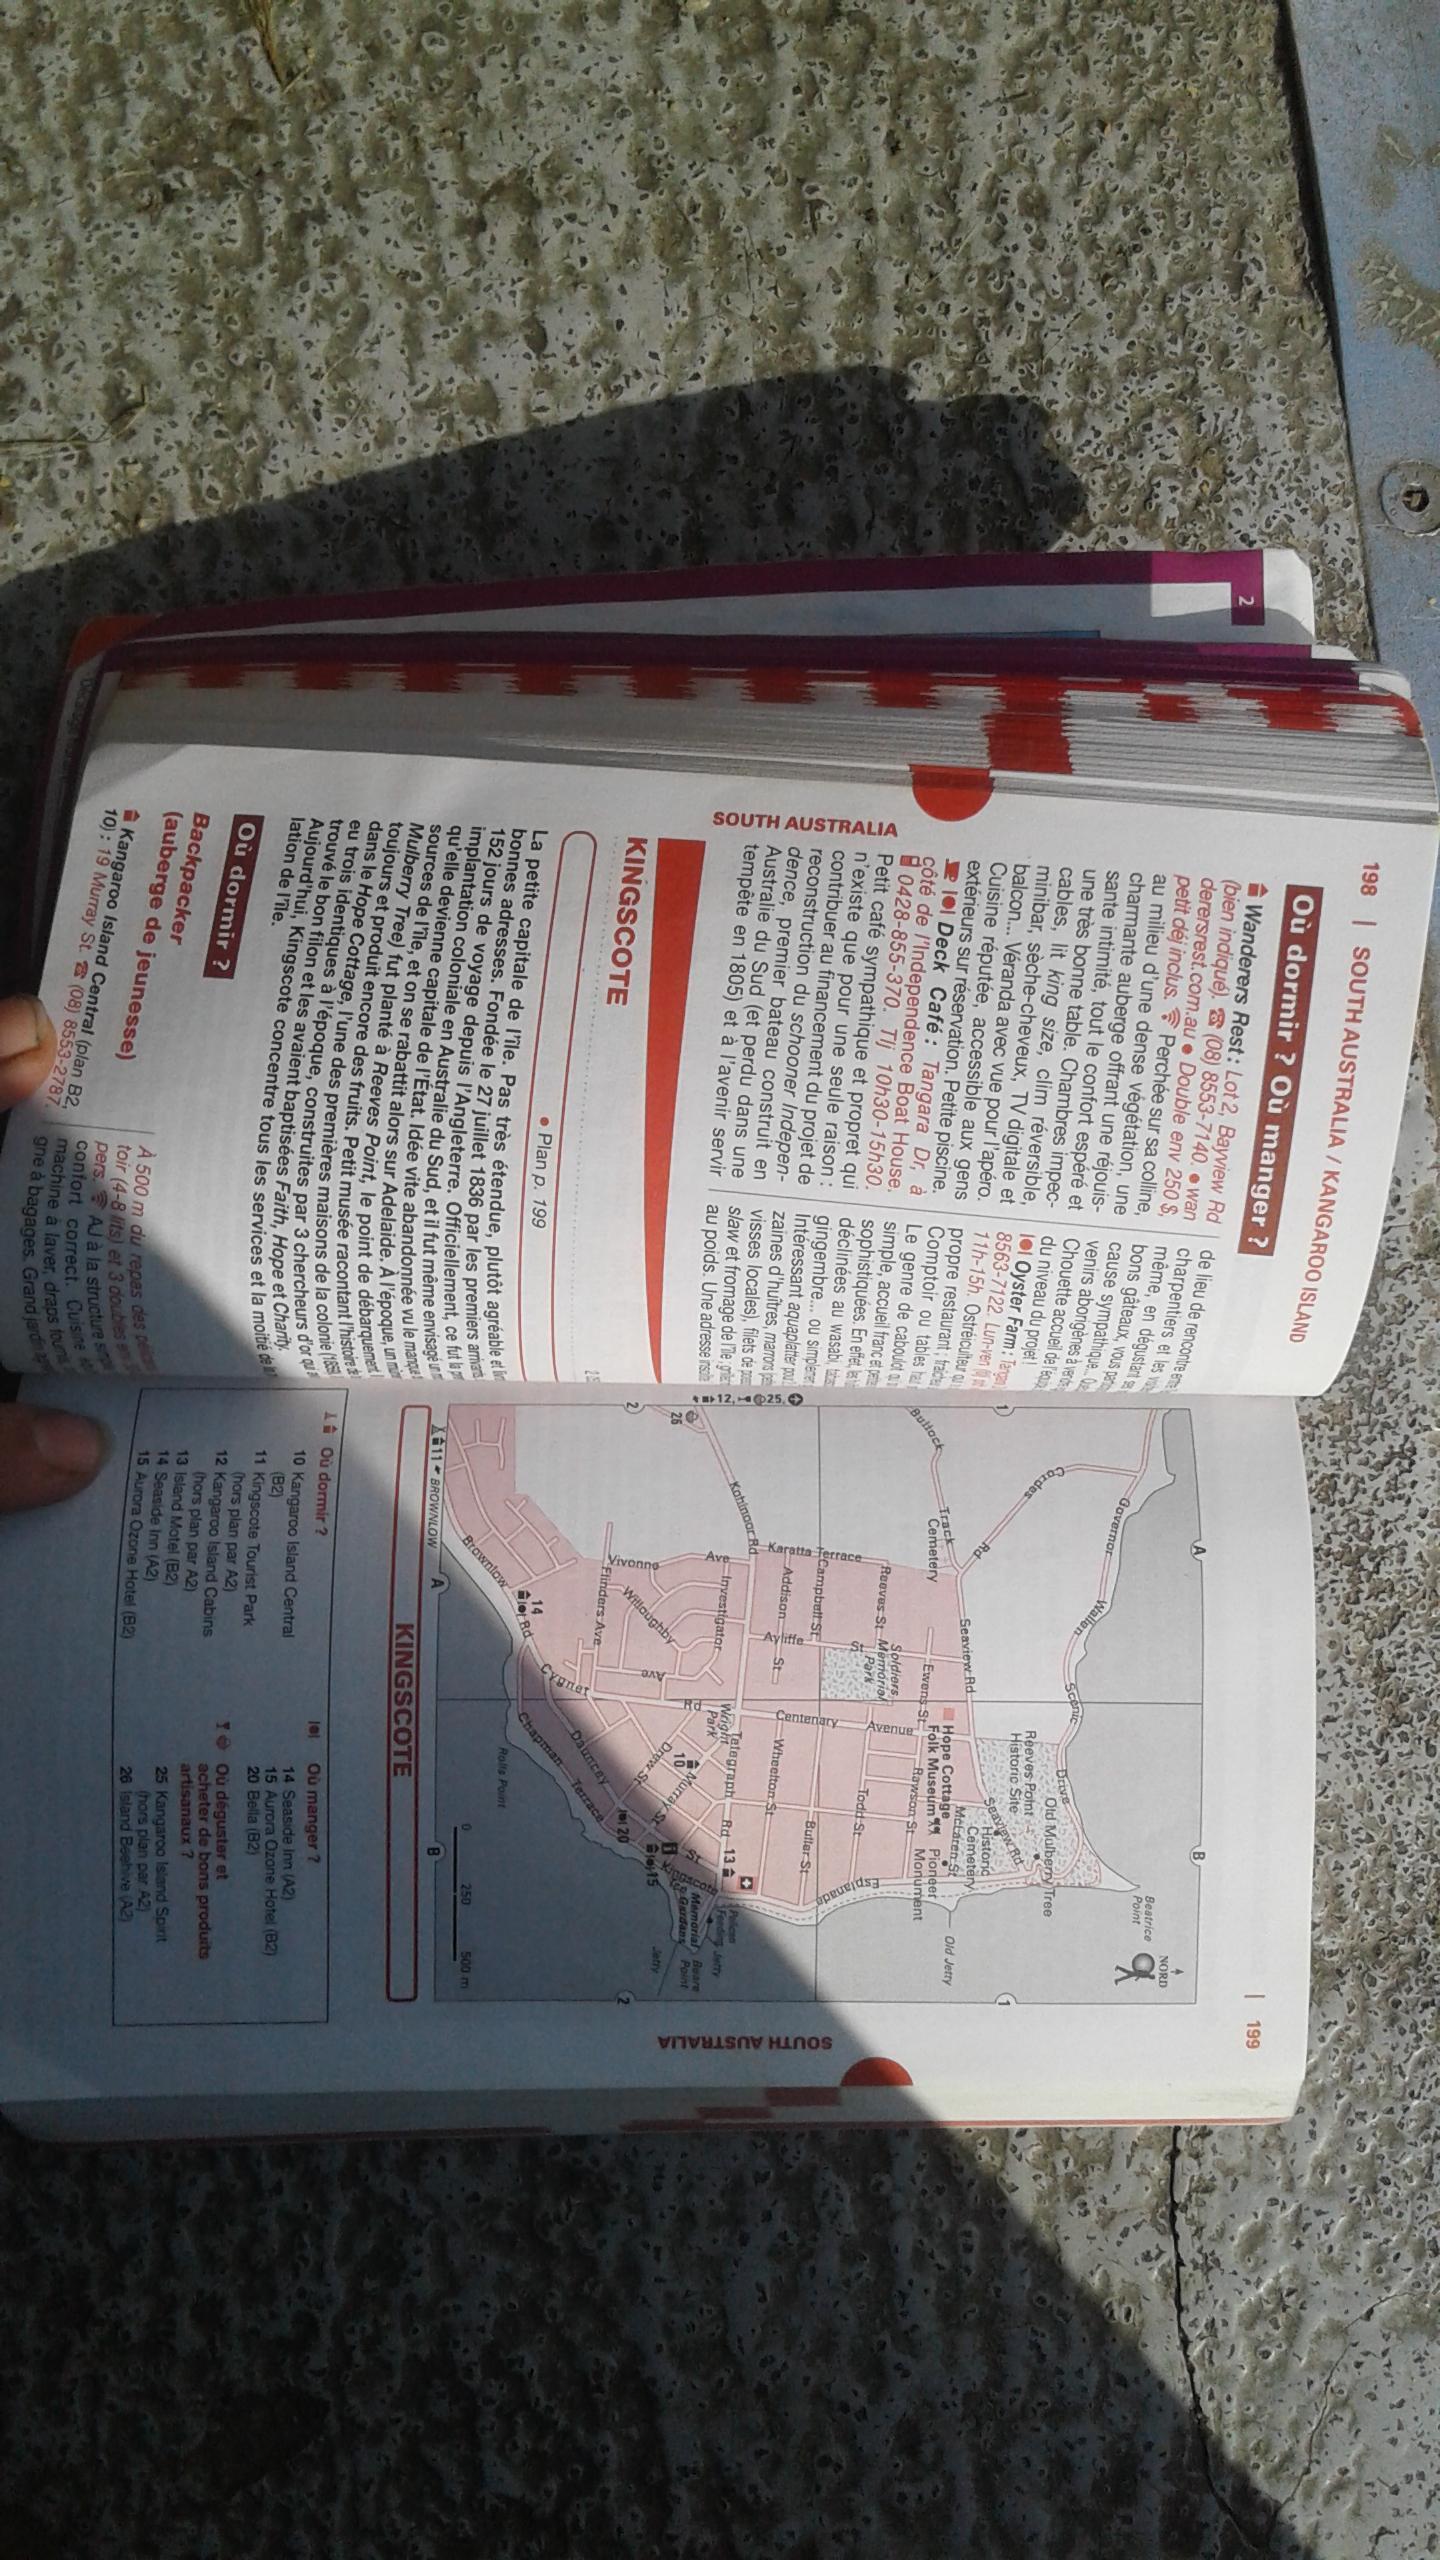 troc de troc guide du routard australie côte est image 1